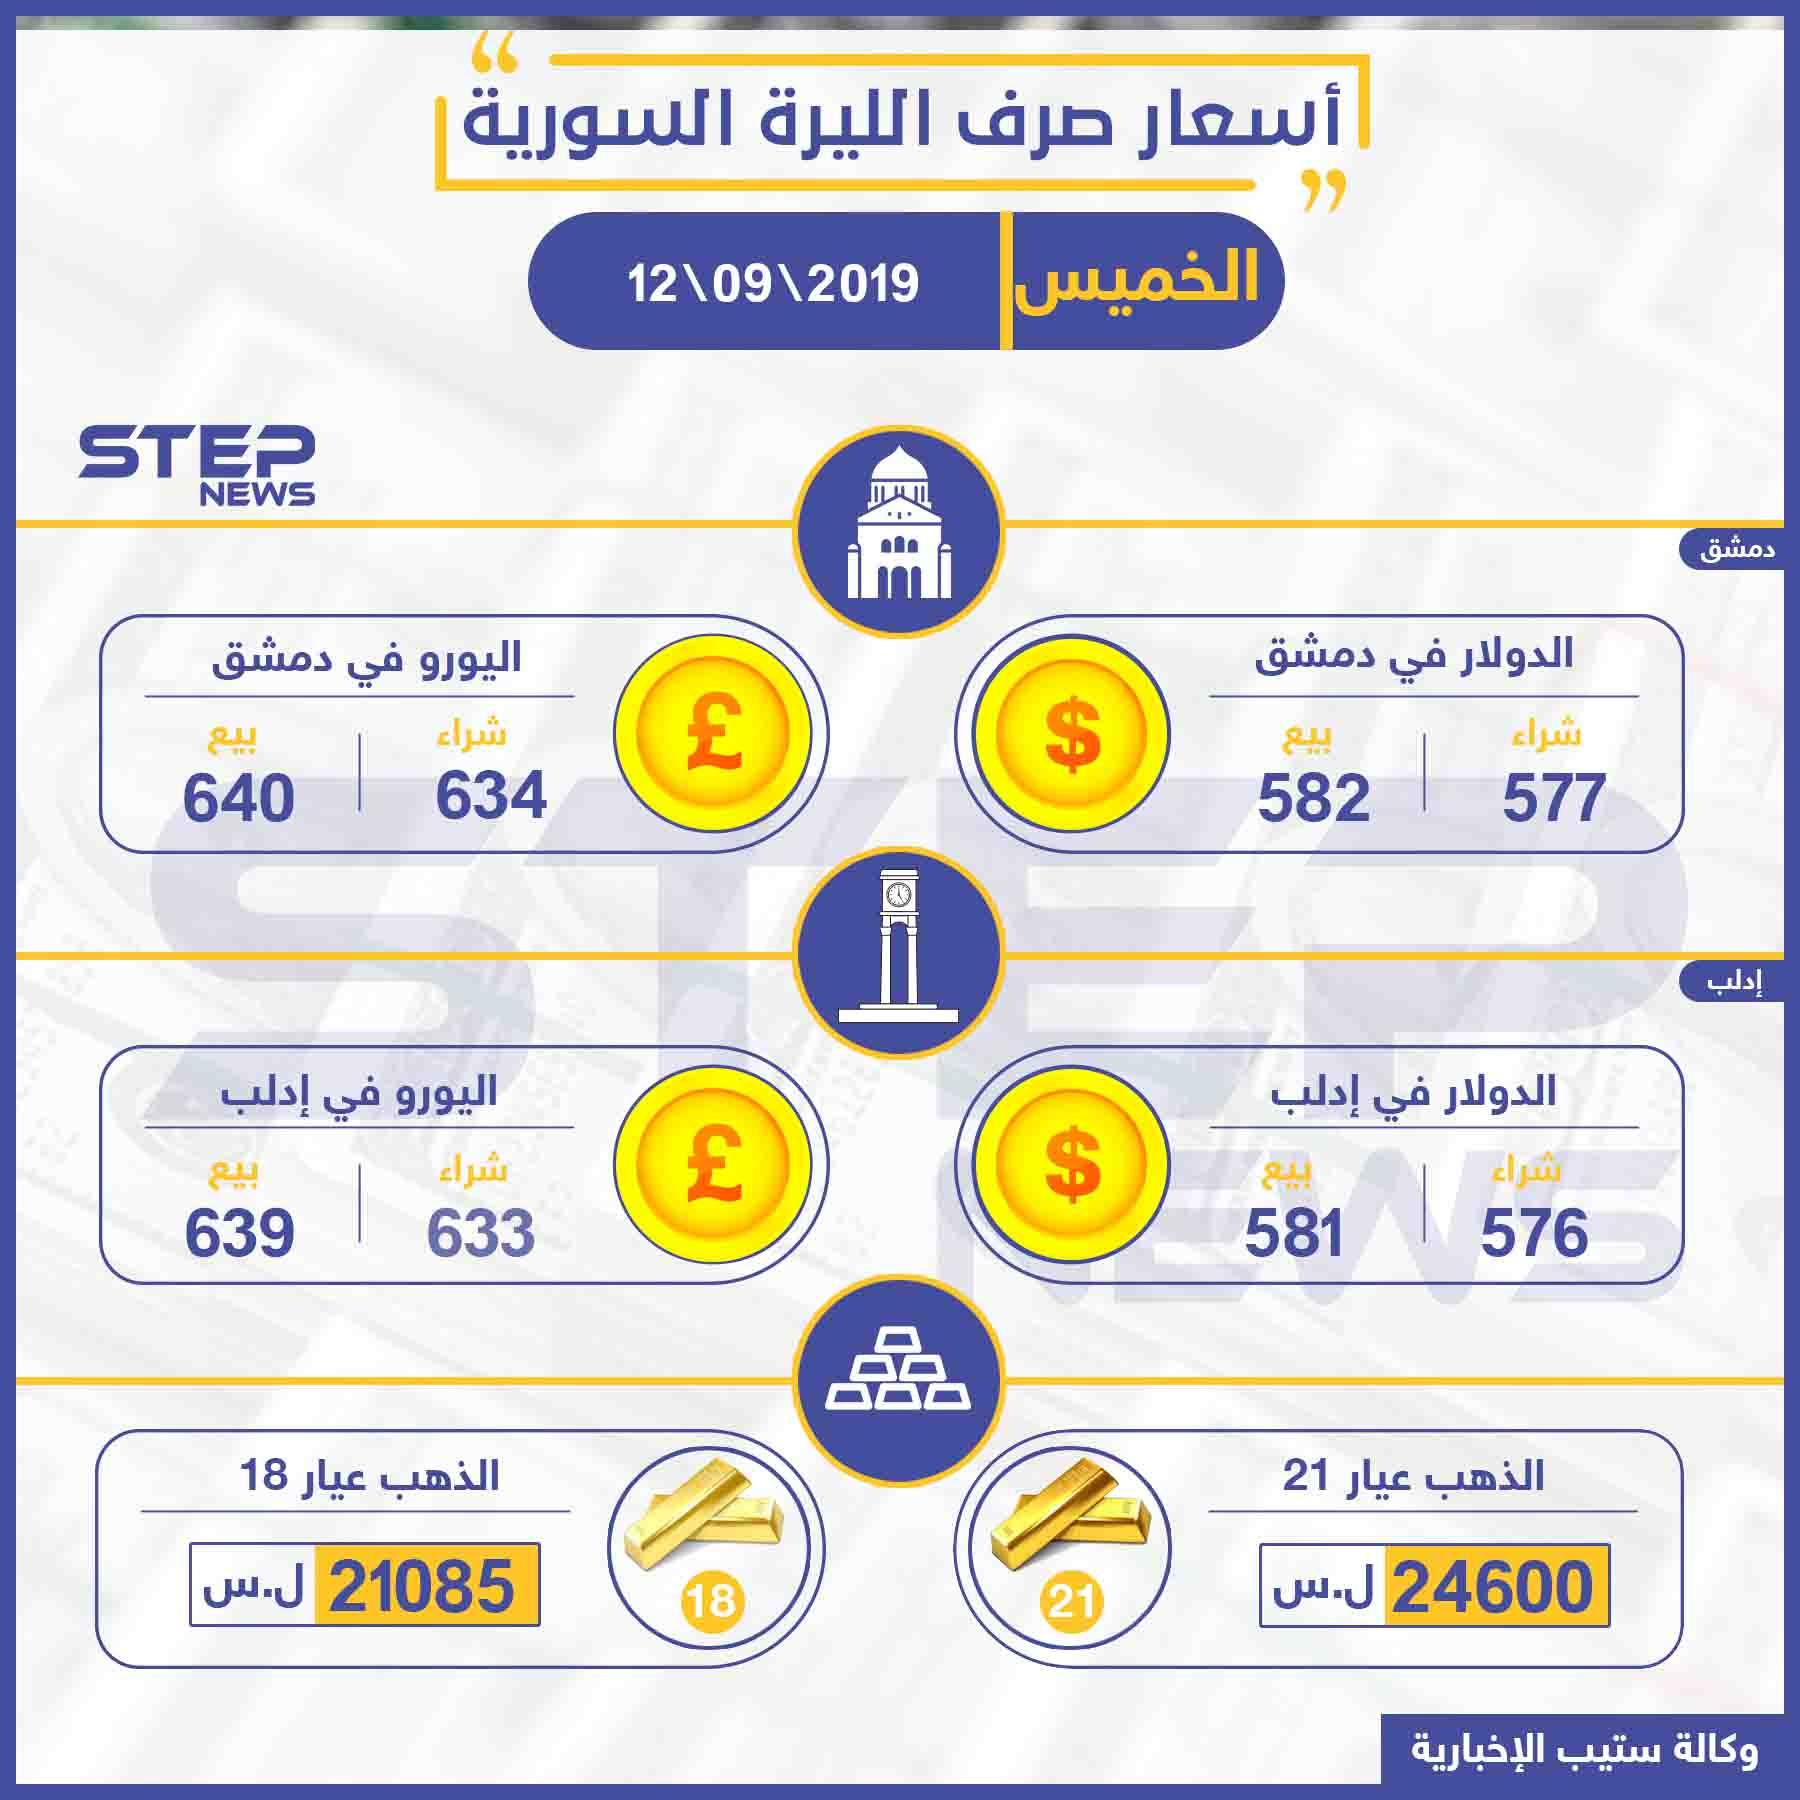 أسعار الذهب والعملات في سوريا اليوم 12-09-2019